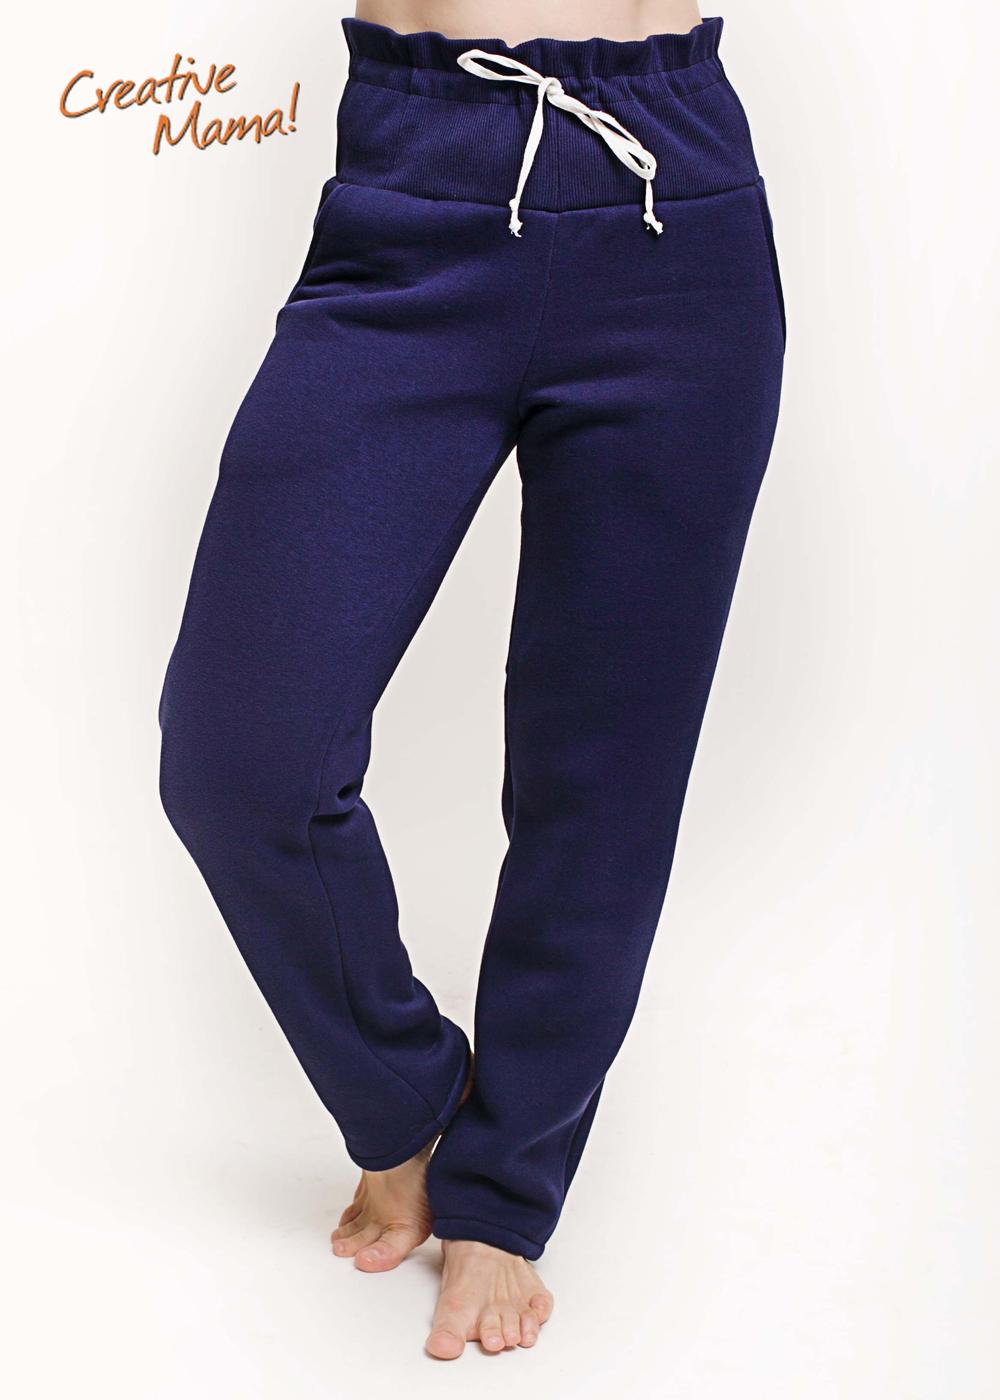 Фото: теплые штаны для Indigo, одежда для беременных фото